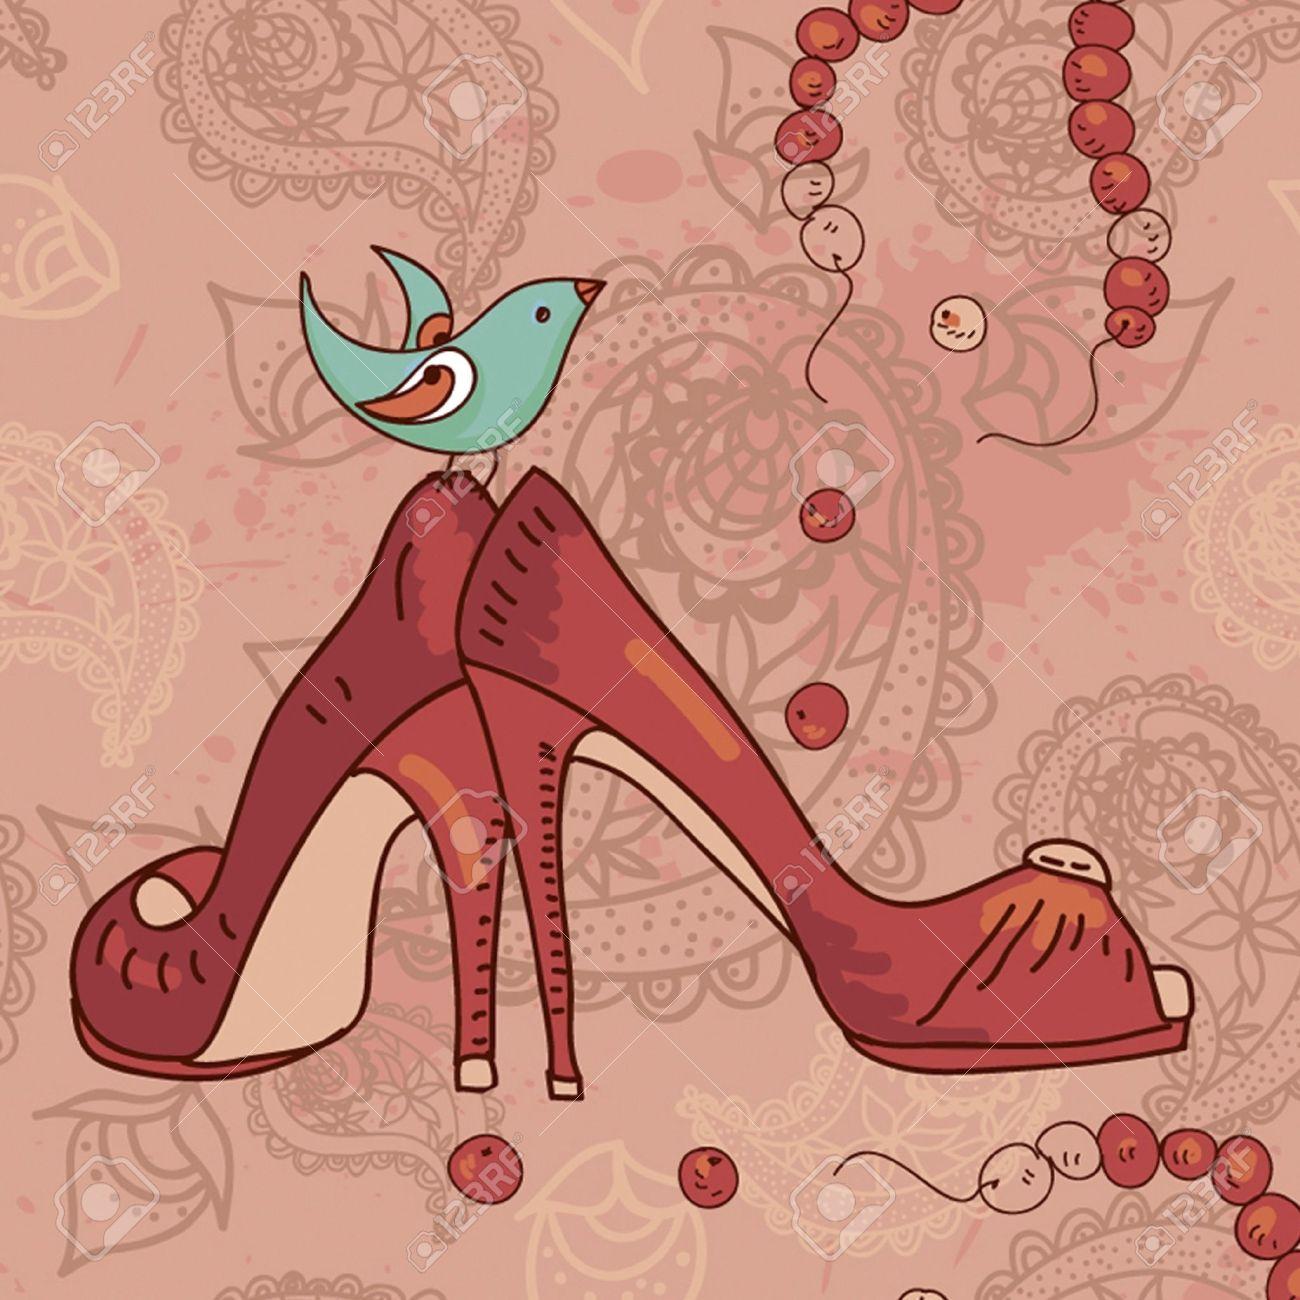 靴 おしゃれな現代の鳥の壁紙や織物でペイズリー柄のイラスト素材 ベクタ Image